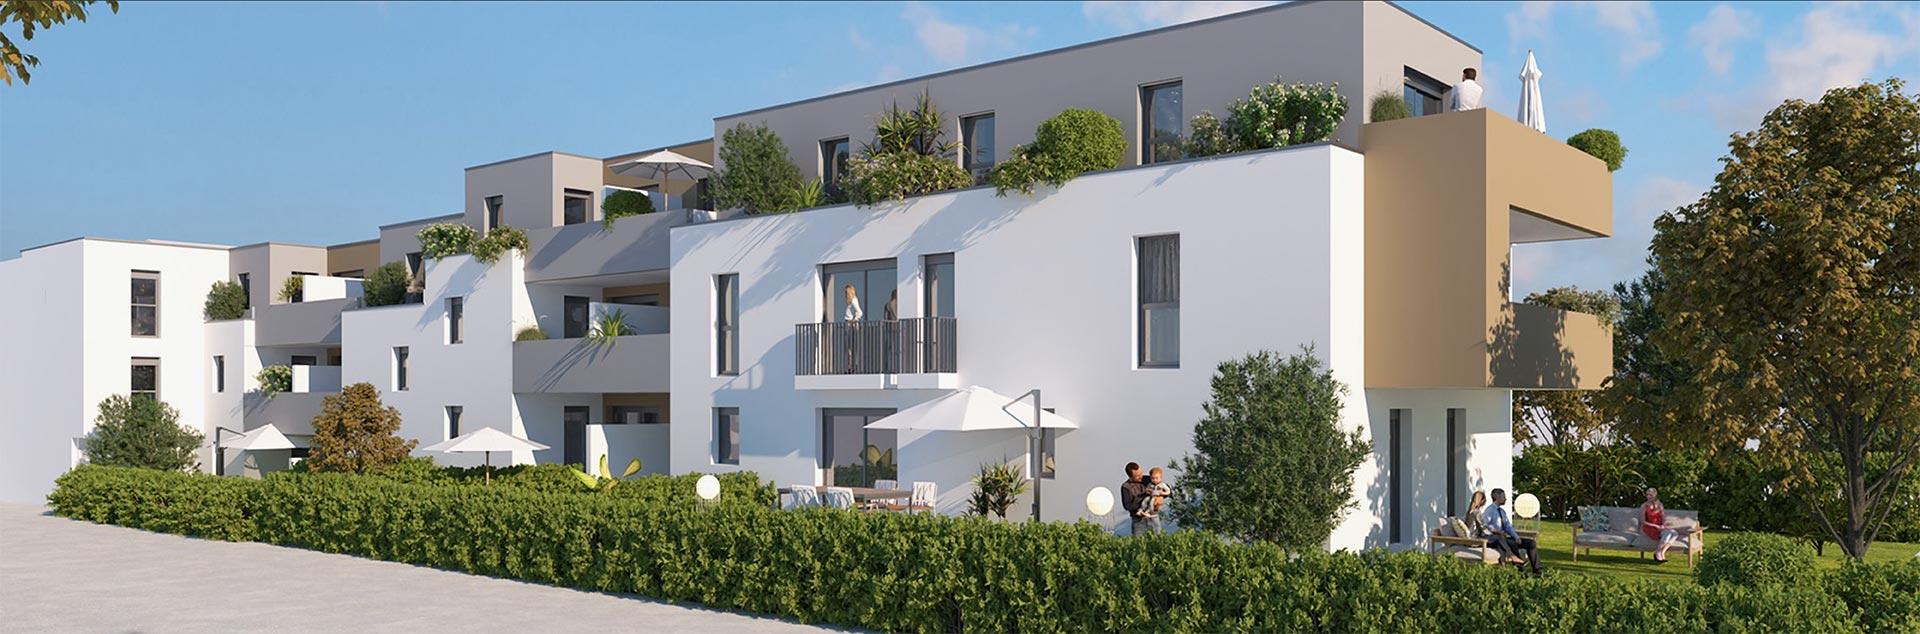 residence biens immobilier lppi